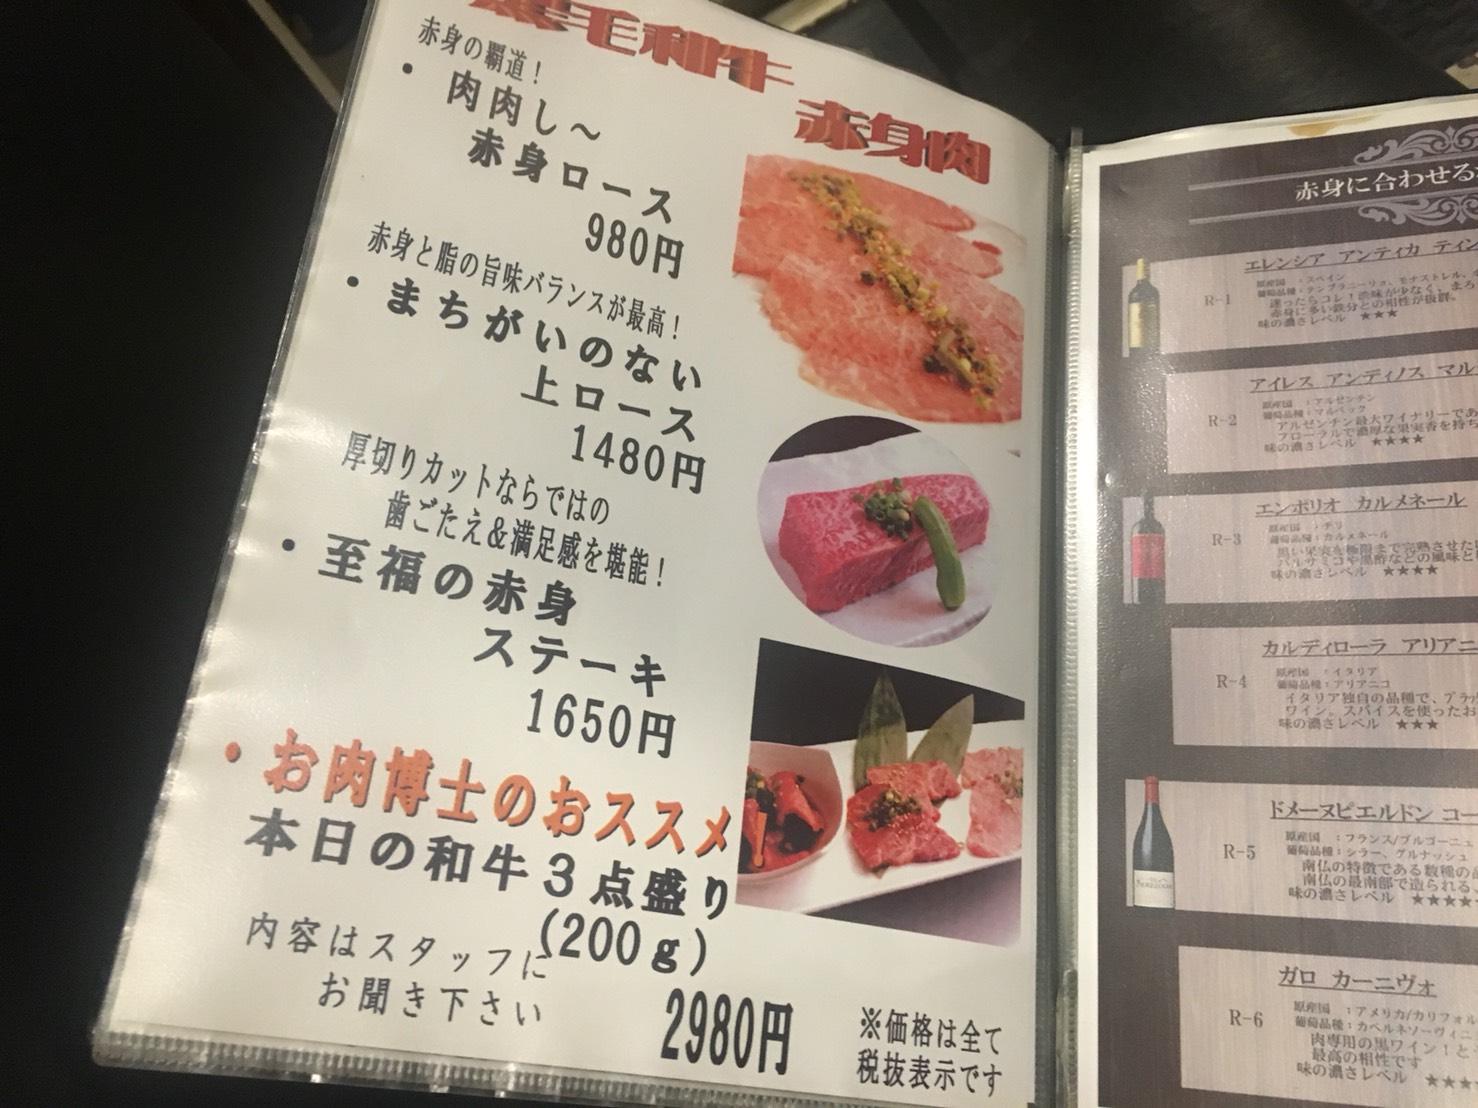 【池袋駅】最強クラスの焼肉発見「和牛焼肉バルKURAMOTO」のメニュー3